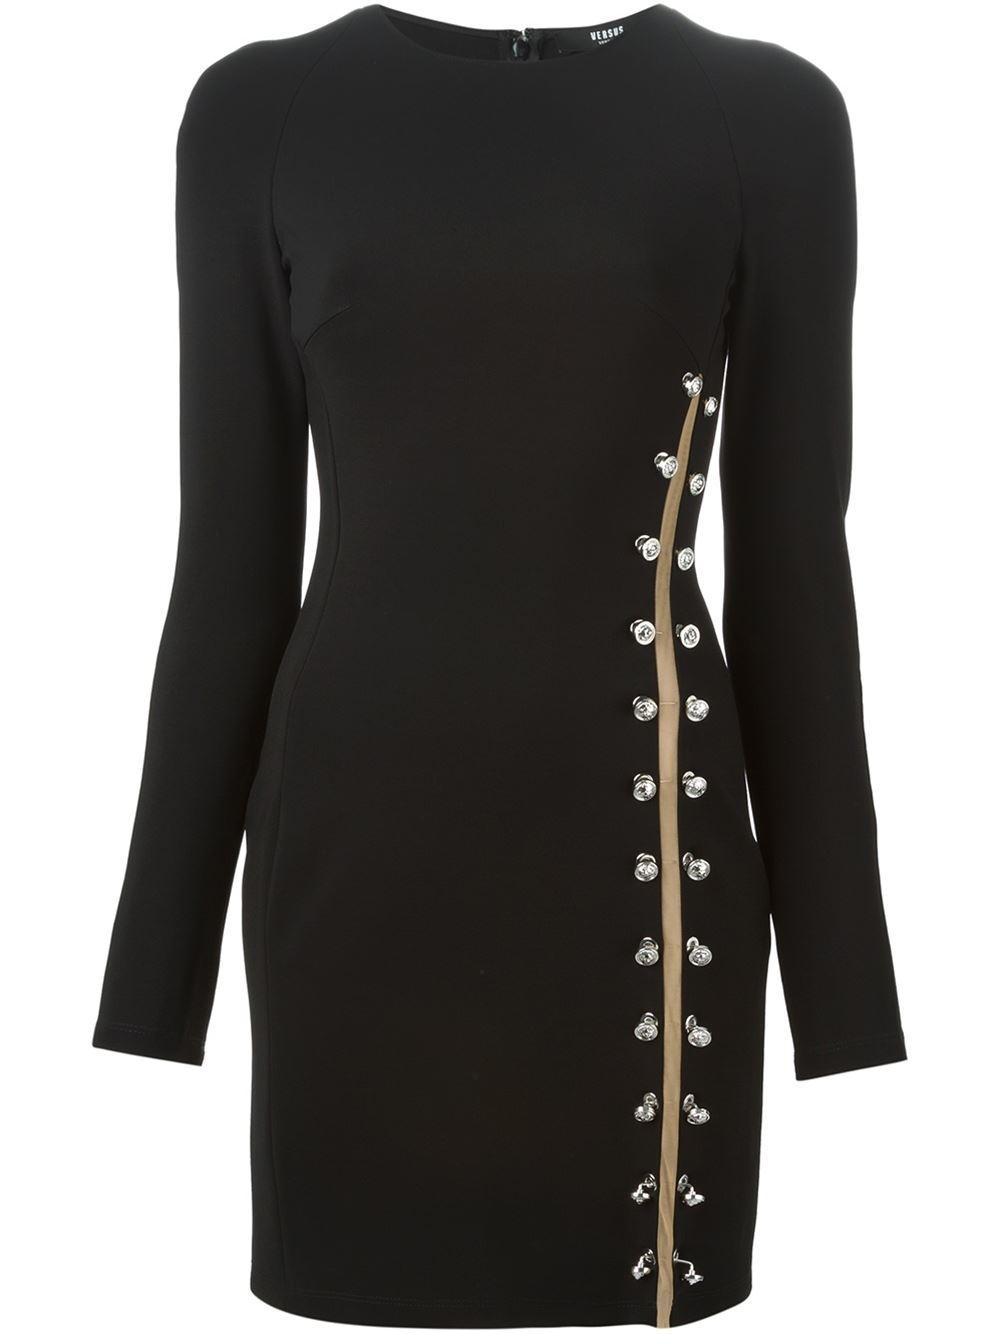 versus safety pin dress in black lyst. Black Bedroom Furniture Sets. Home Design Ideas